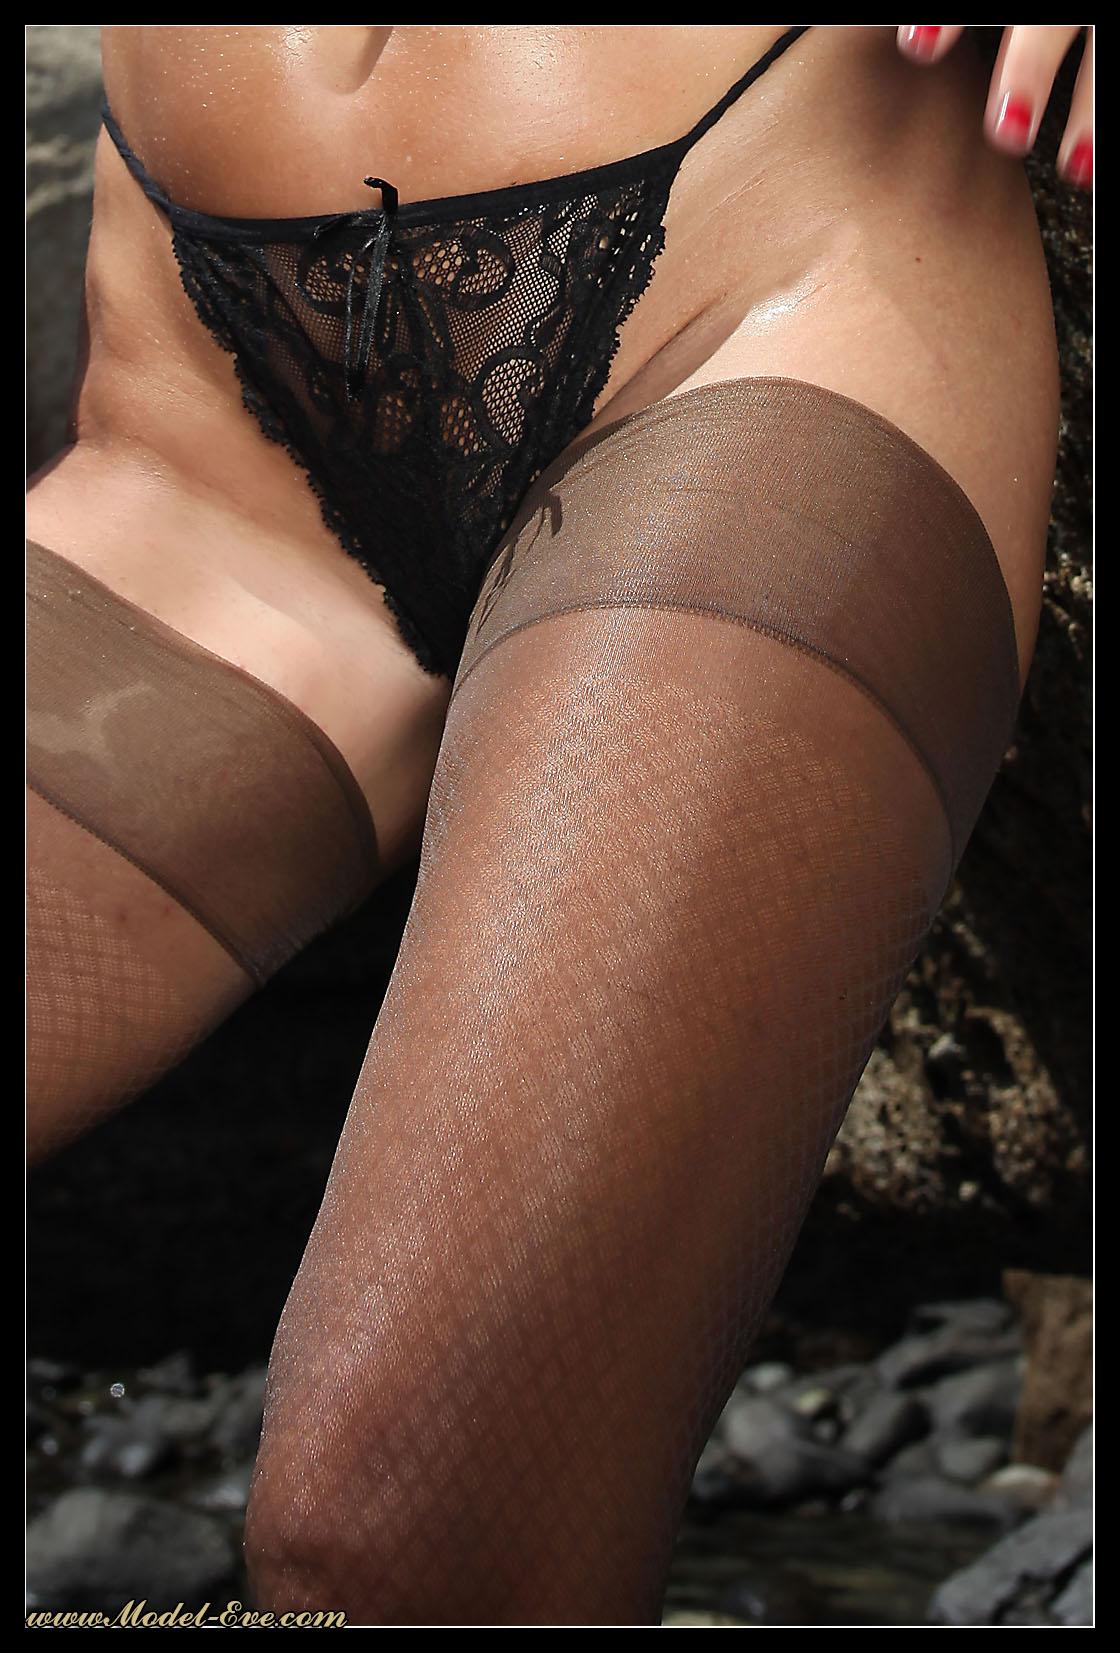 Целлюлитные ноги в колготках фото 3 фотография